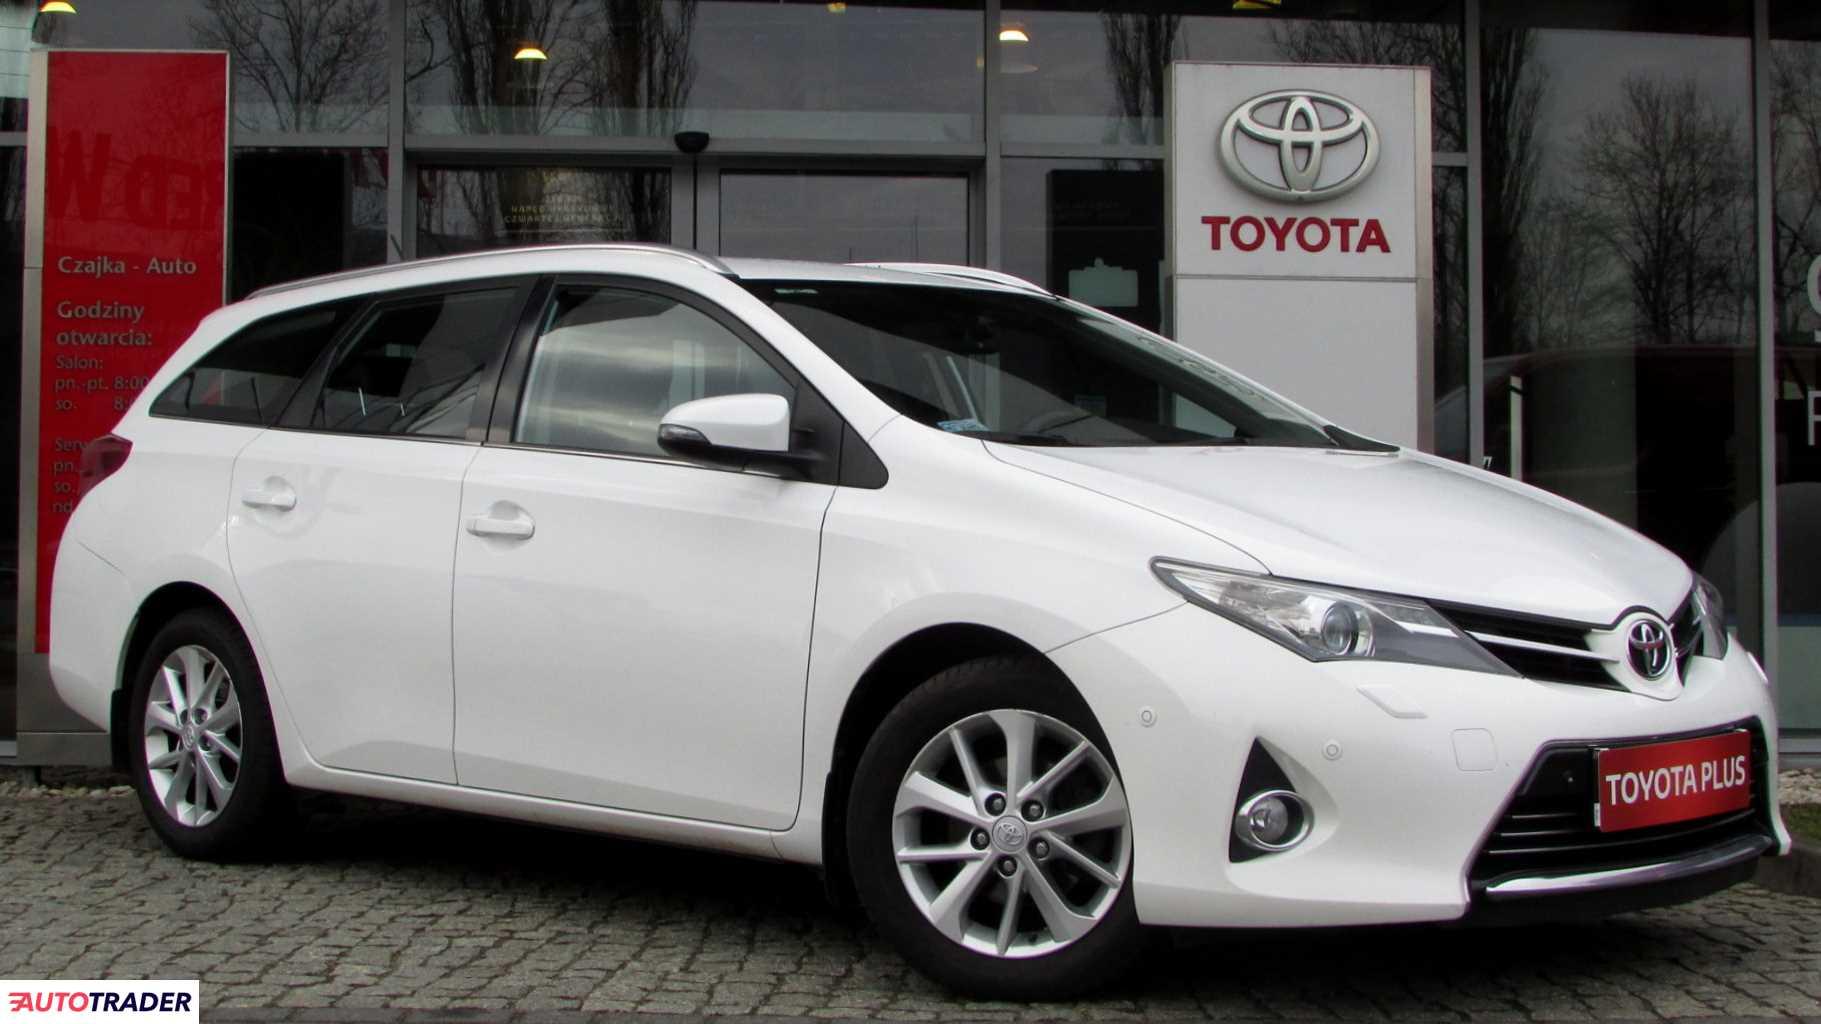 Toyota Auris 2014 1.6 132 KM